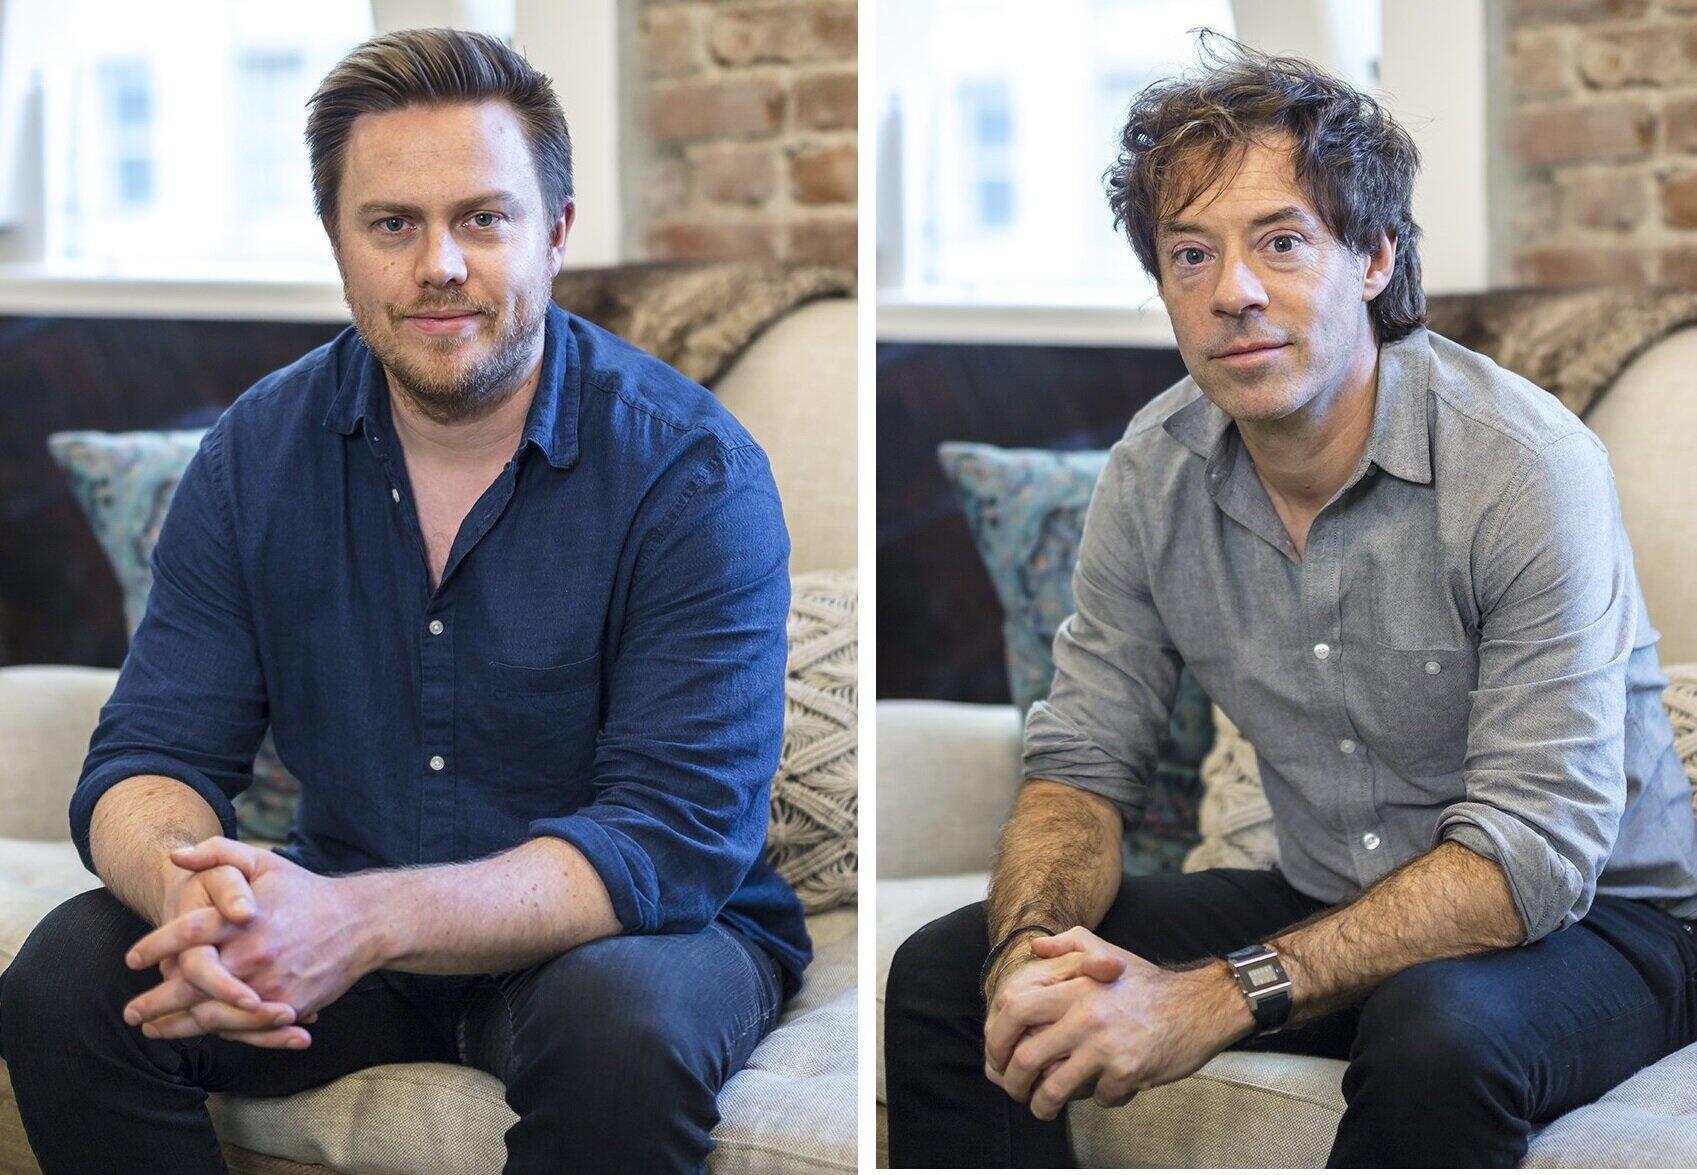 Calmのアレックス・テューCEO(左)とマイケル・アクトン・スミスCEO